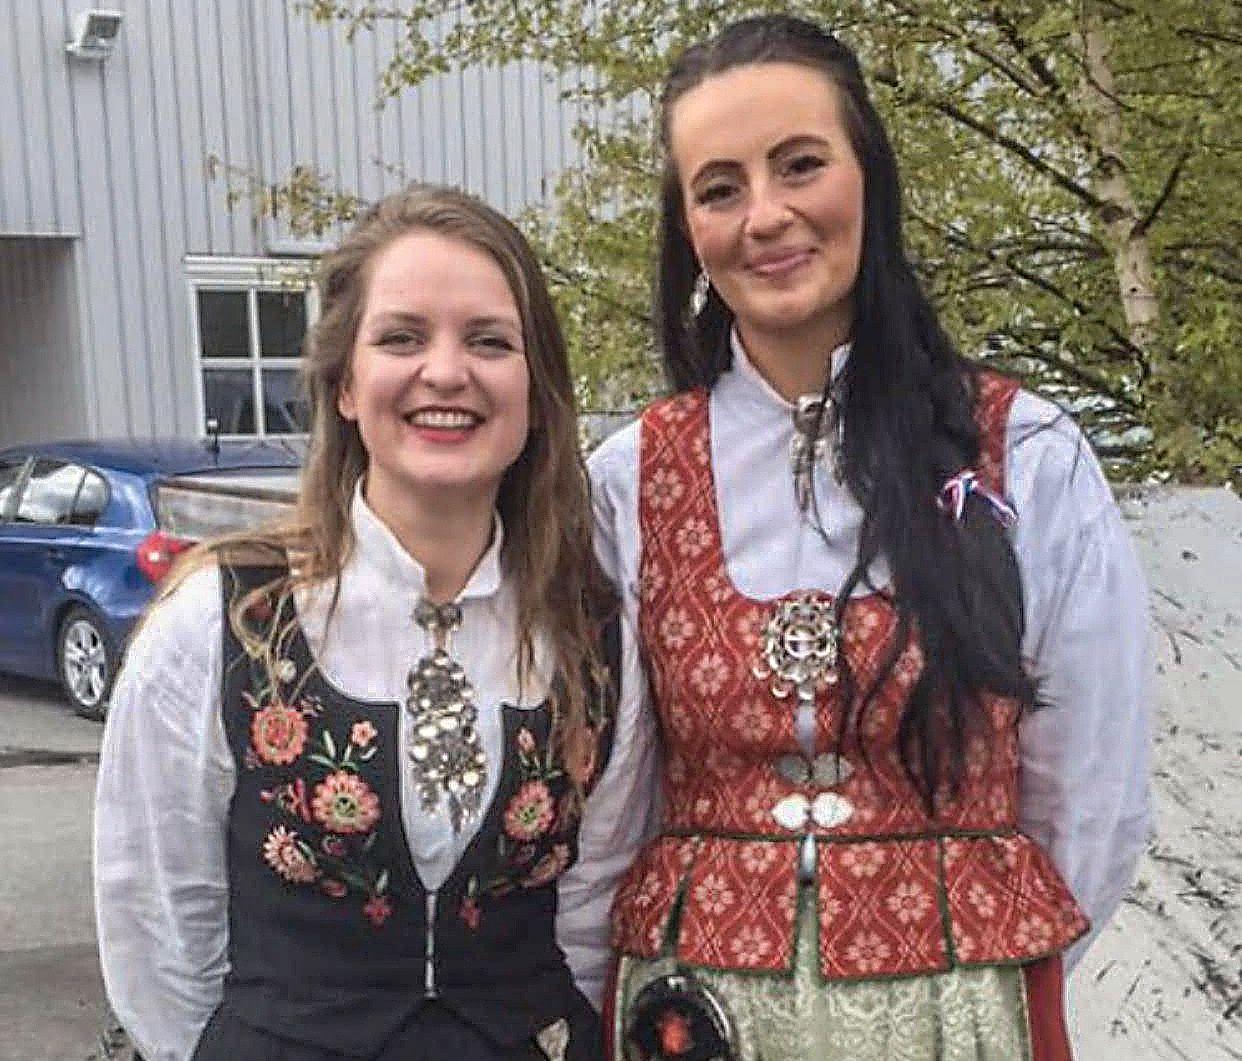 KJENTE HVERANDRE: Line Øverås (t.h.) kjente avdøde Ingrid Aune fra skolen. Hun mener den avdøde ordførerens arvtager får store sko å fylle.